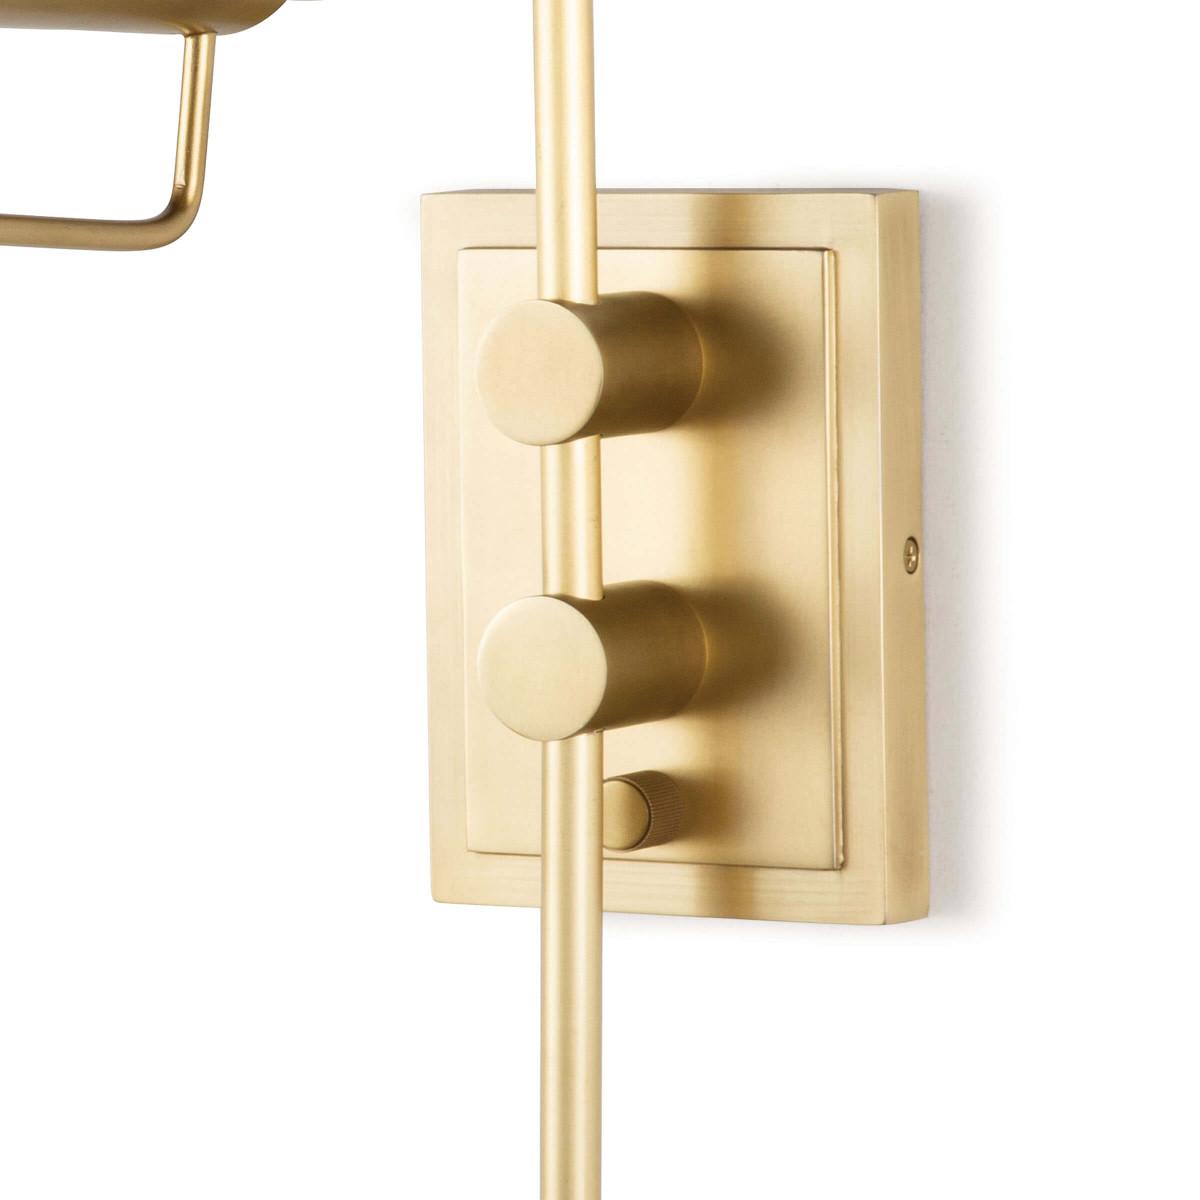 Zilker Adjustable Sconce | Brass